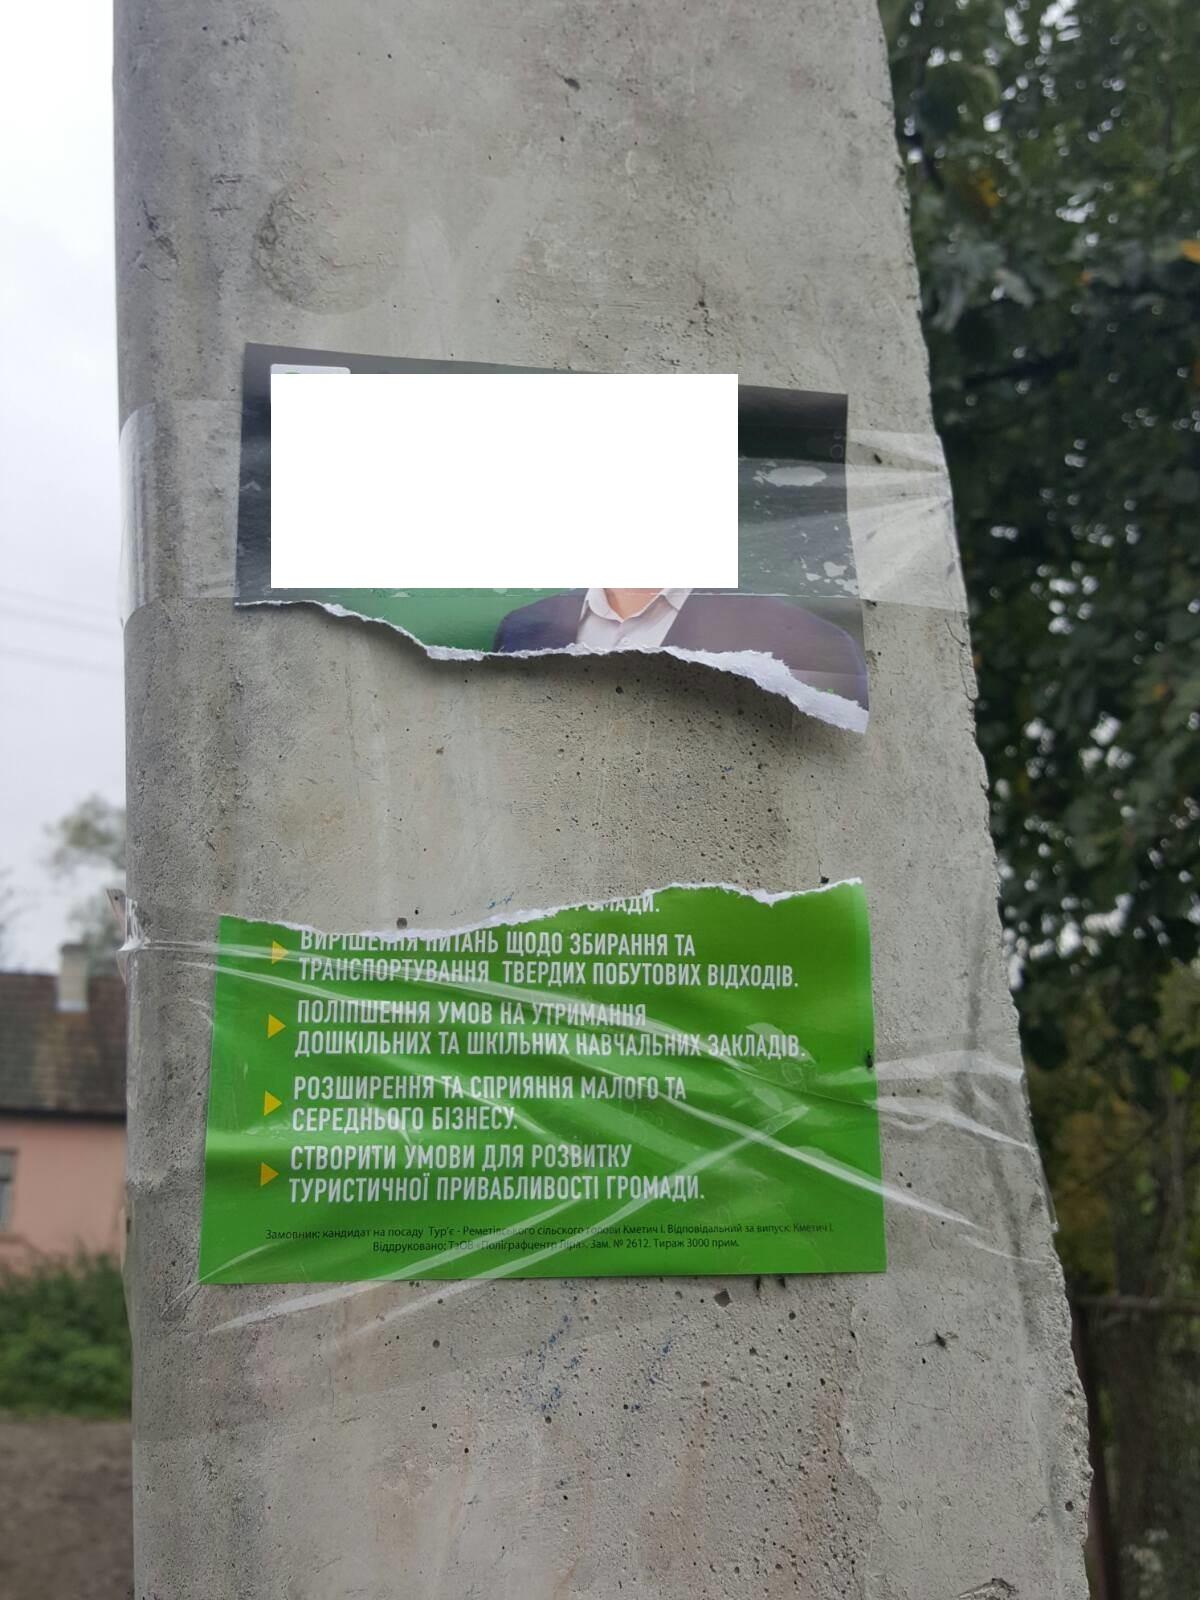 Рівно за тиждень, 25 жовтня, у закарпатських ОТГ пройдуть вибори голів та депутатів місцевих рад.